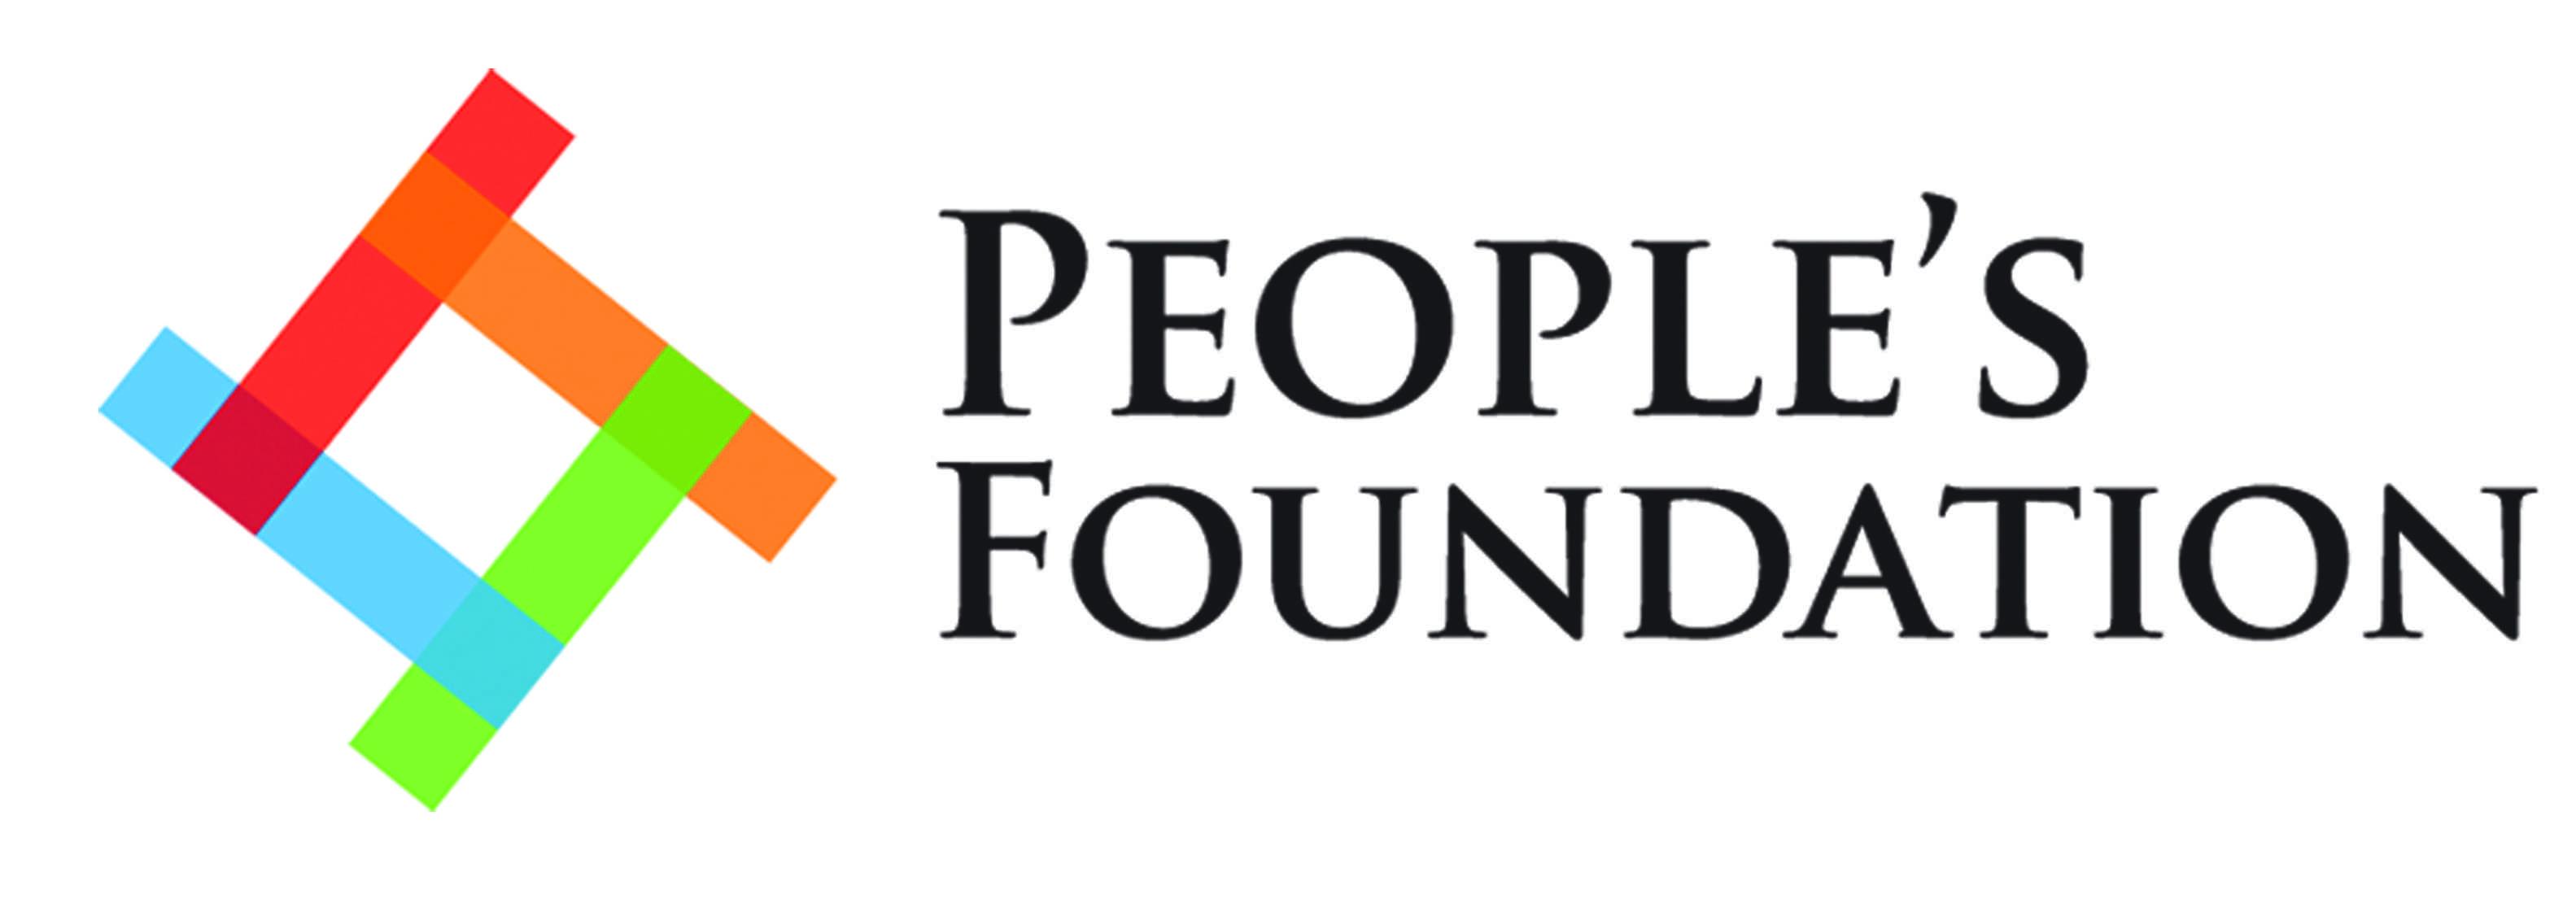 കൊവിഡ്: മരണപ്പെട്ട പ്രവാസി കുടുംബങ്ങള്ക്കുള്ള പുനരധിവാസ പദ്ധതി ഉദ്ഘാടനം